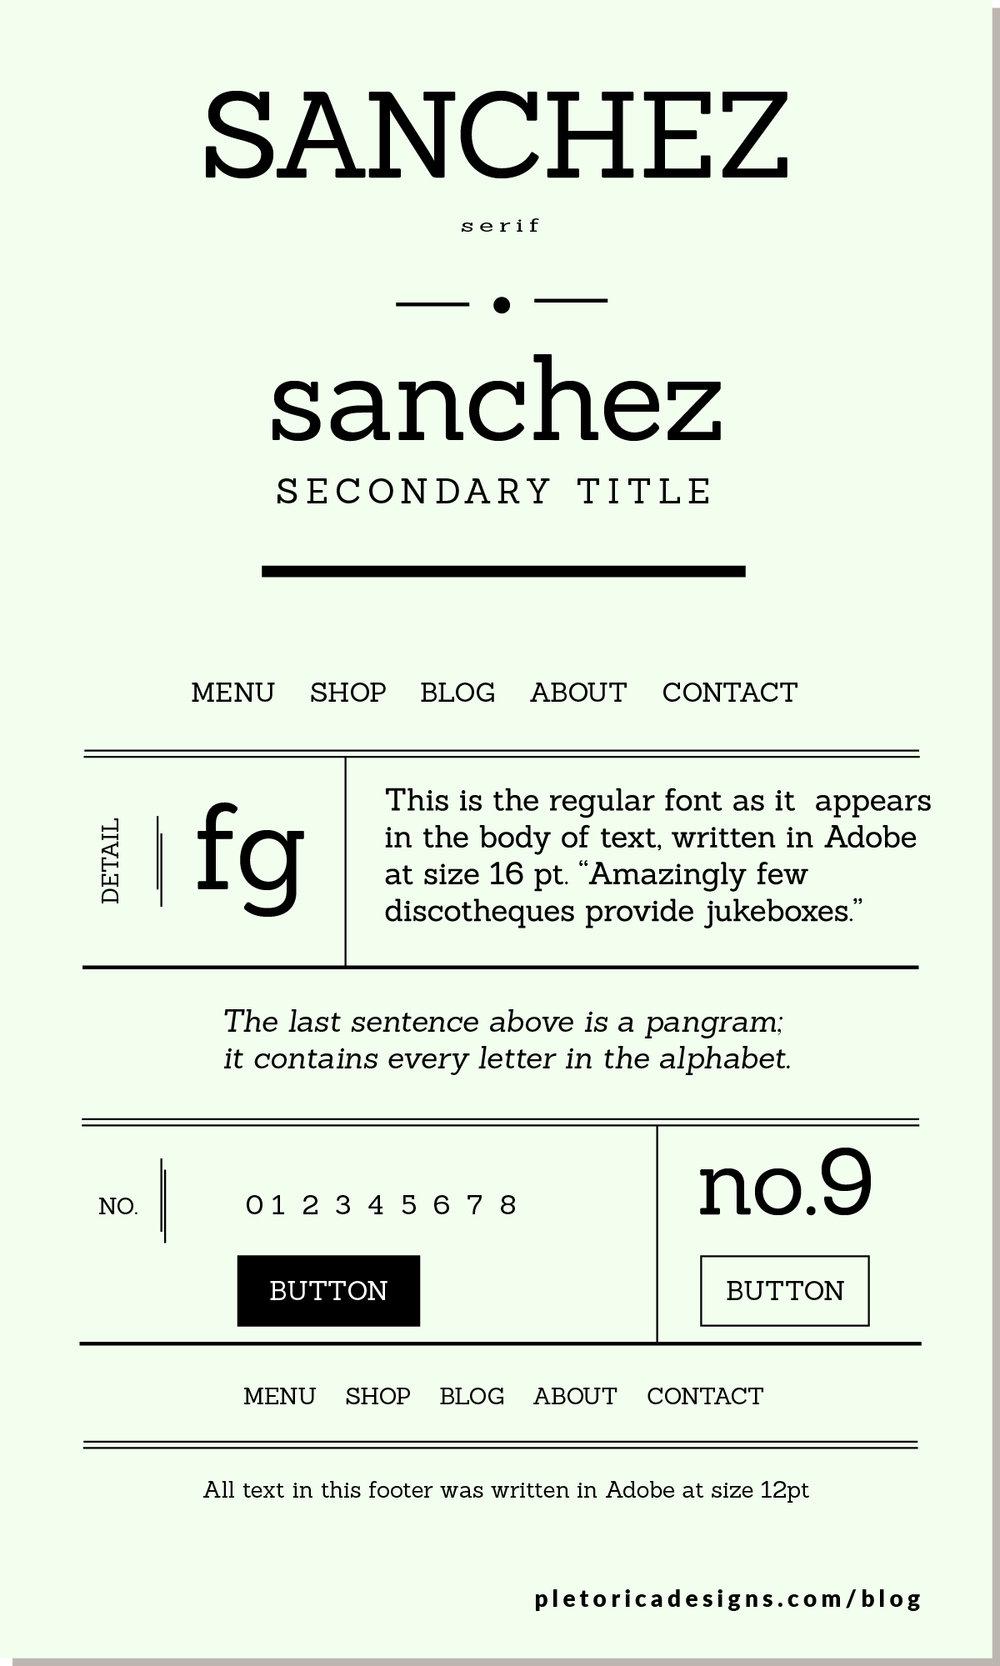 LET'S TYPE: Sanchez — PLETÓRICA DESIGNS